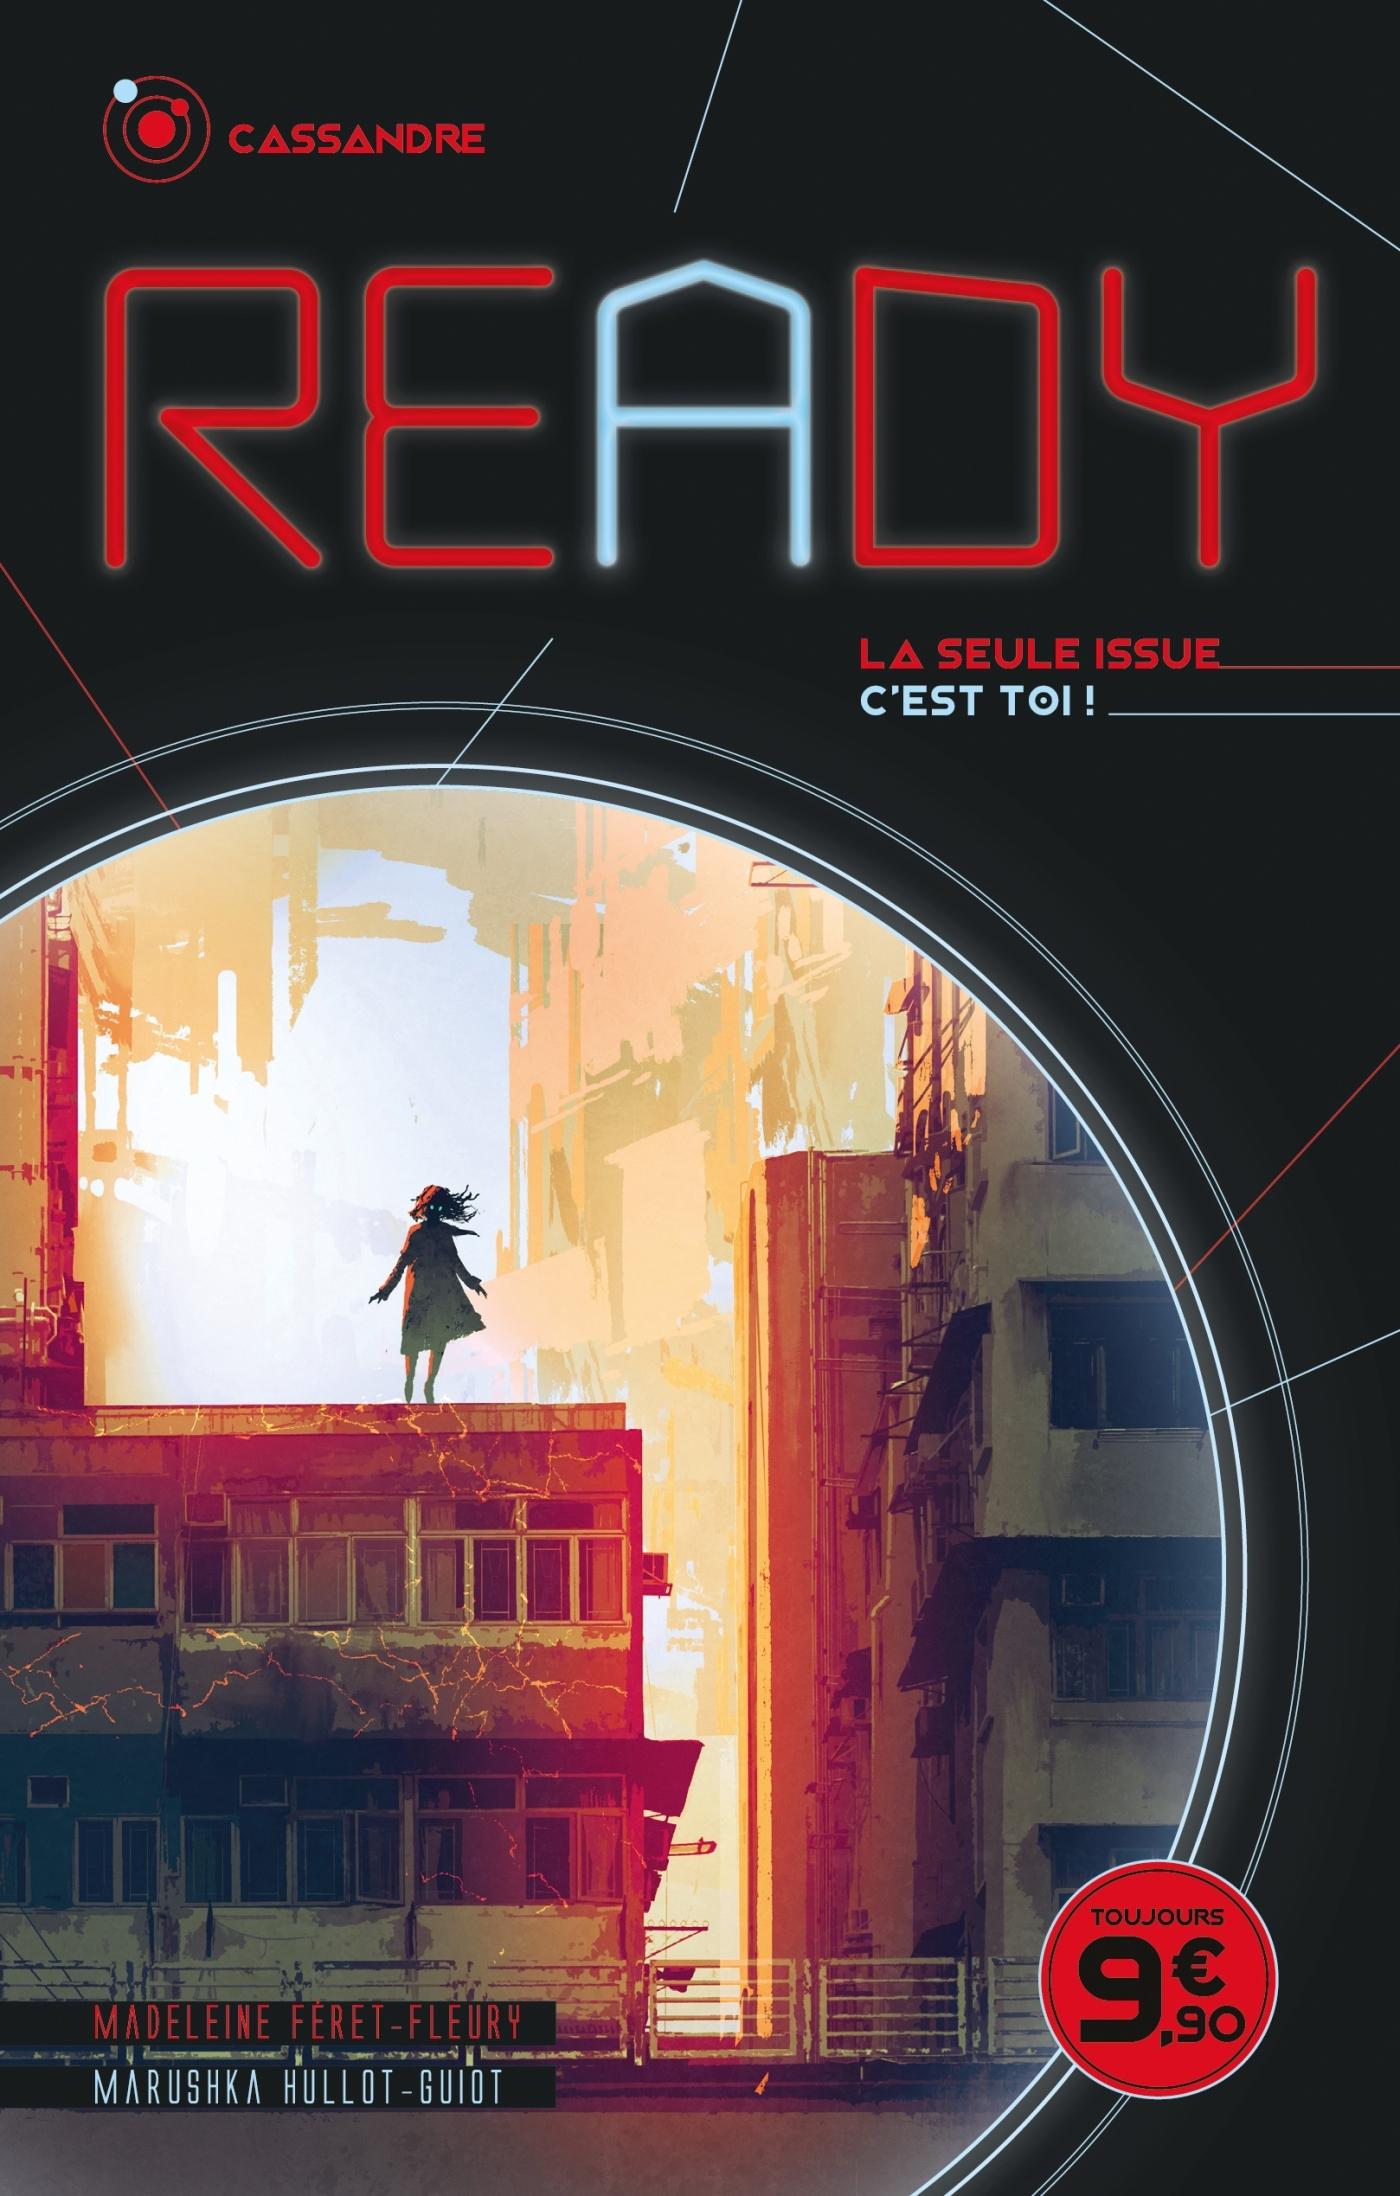 READY - CASSANDRE - LA SEULE ISSUE, C'EST TOI - READY - LA SEULE ISSUE, C'EST TOI